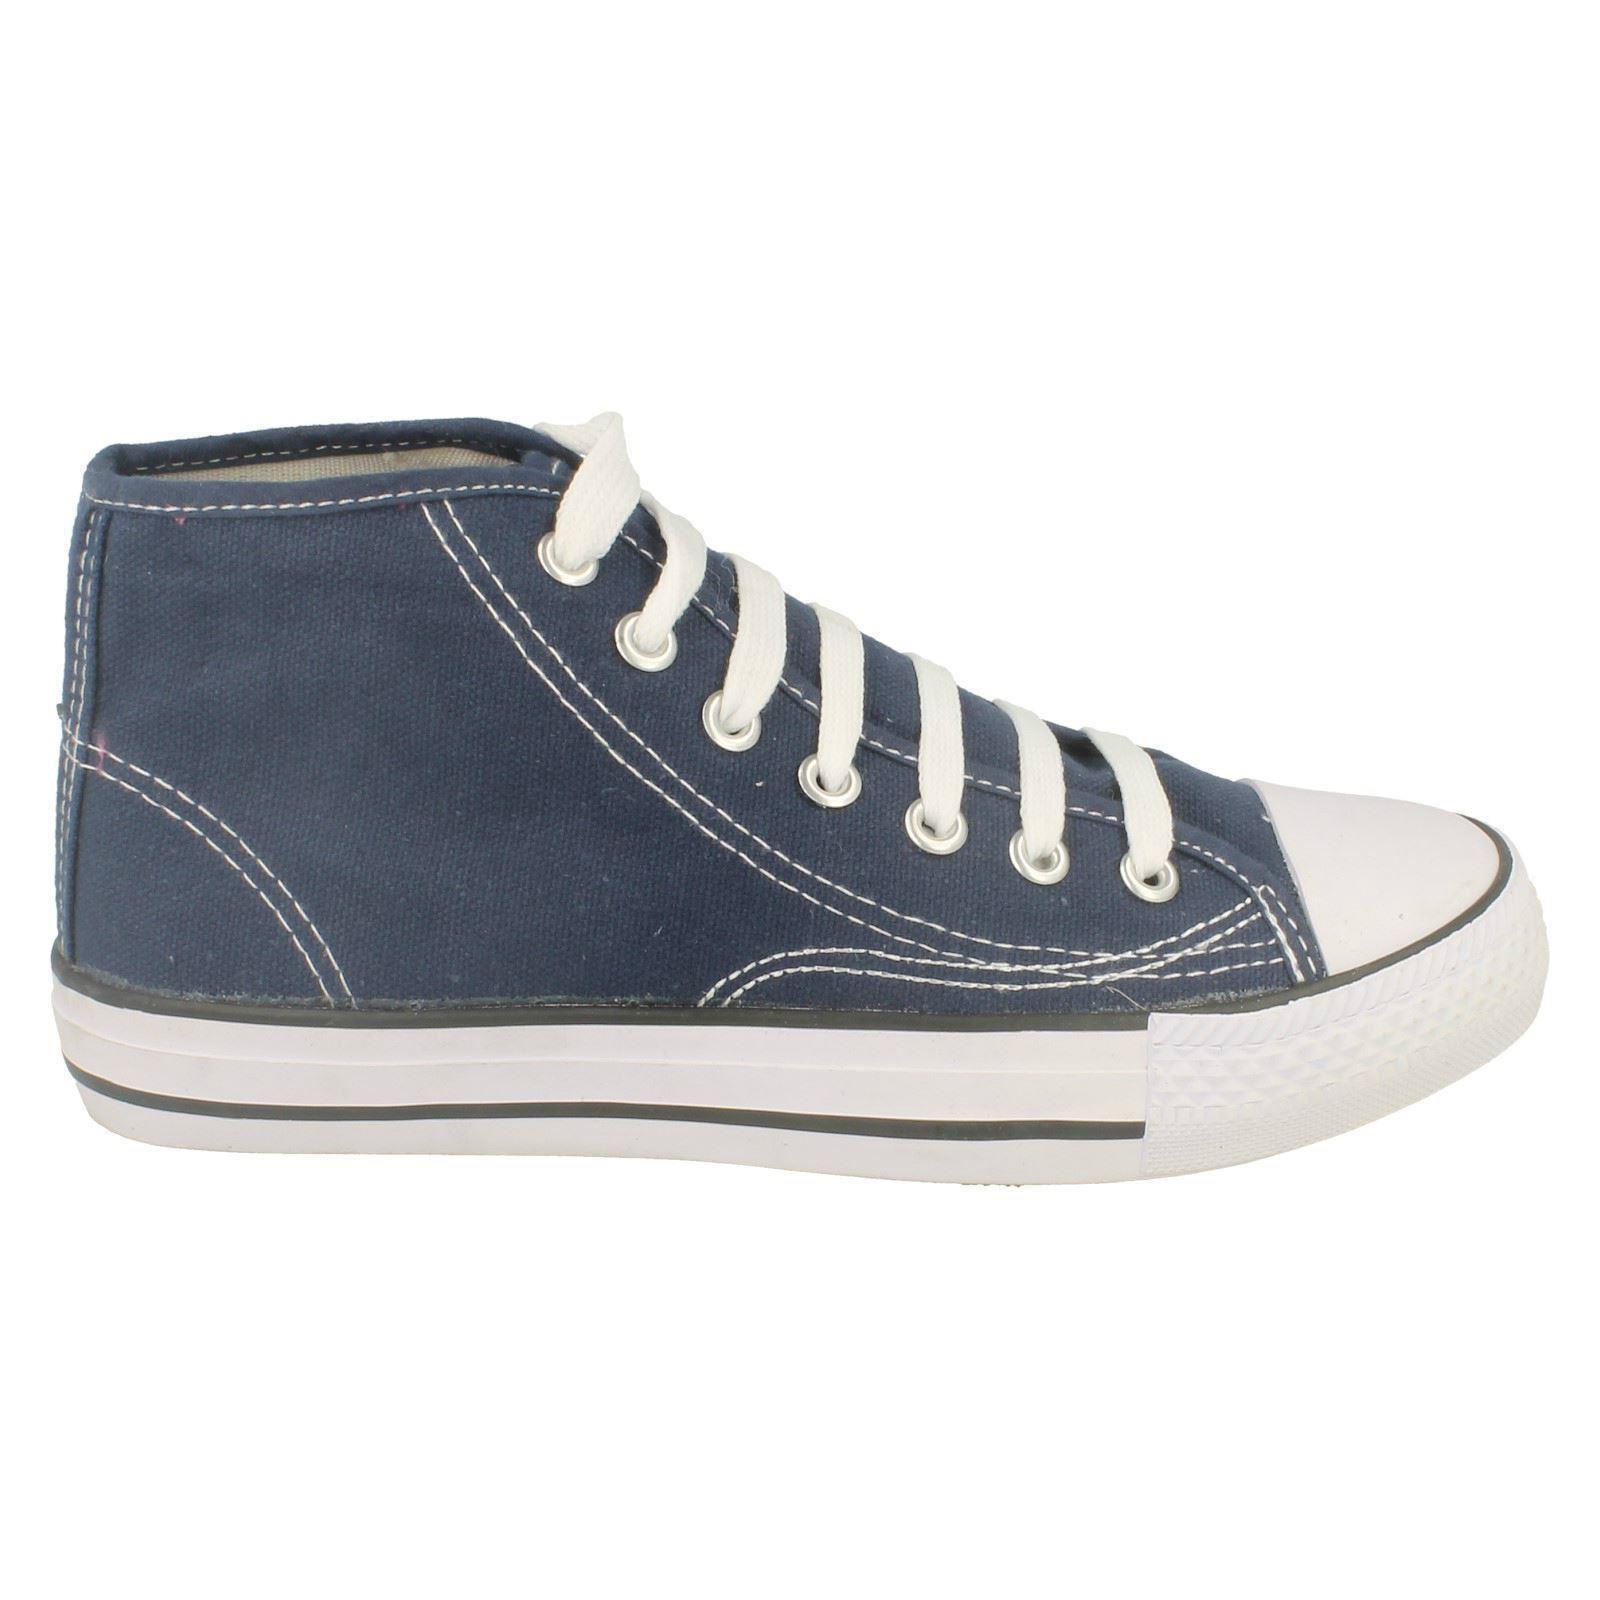 Spot-On-Chaussures-hautes-en-toile-Homme-KM565 miniature 8